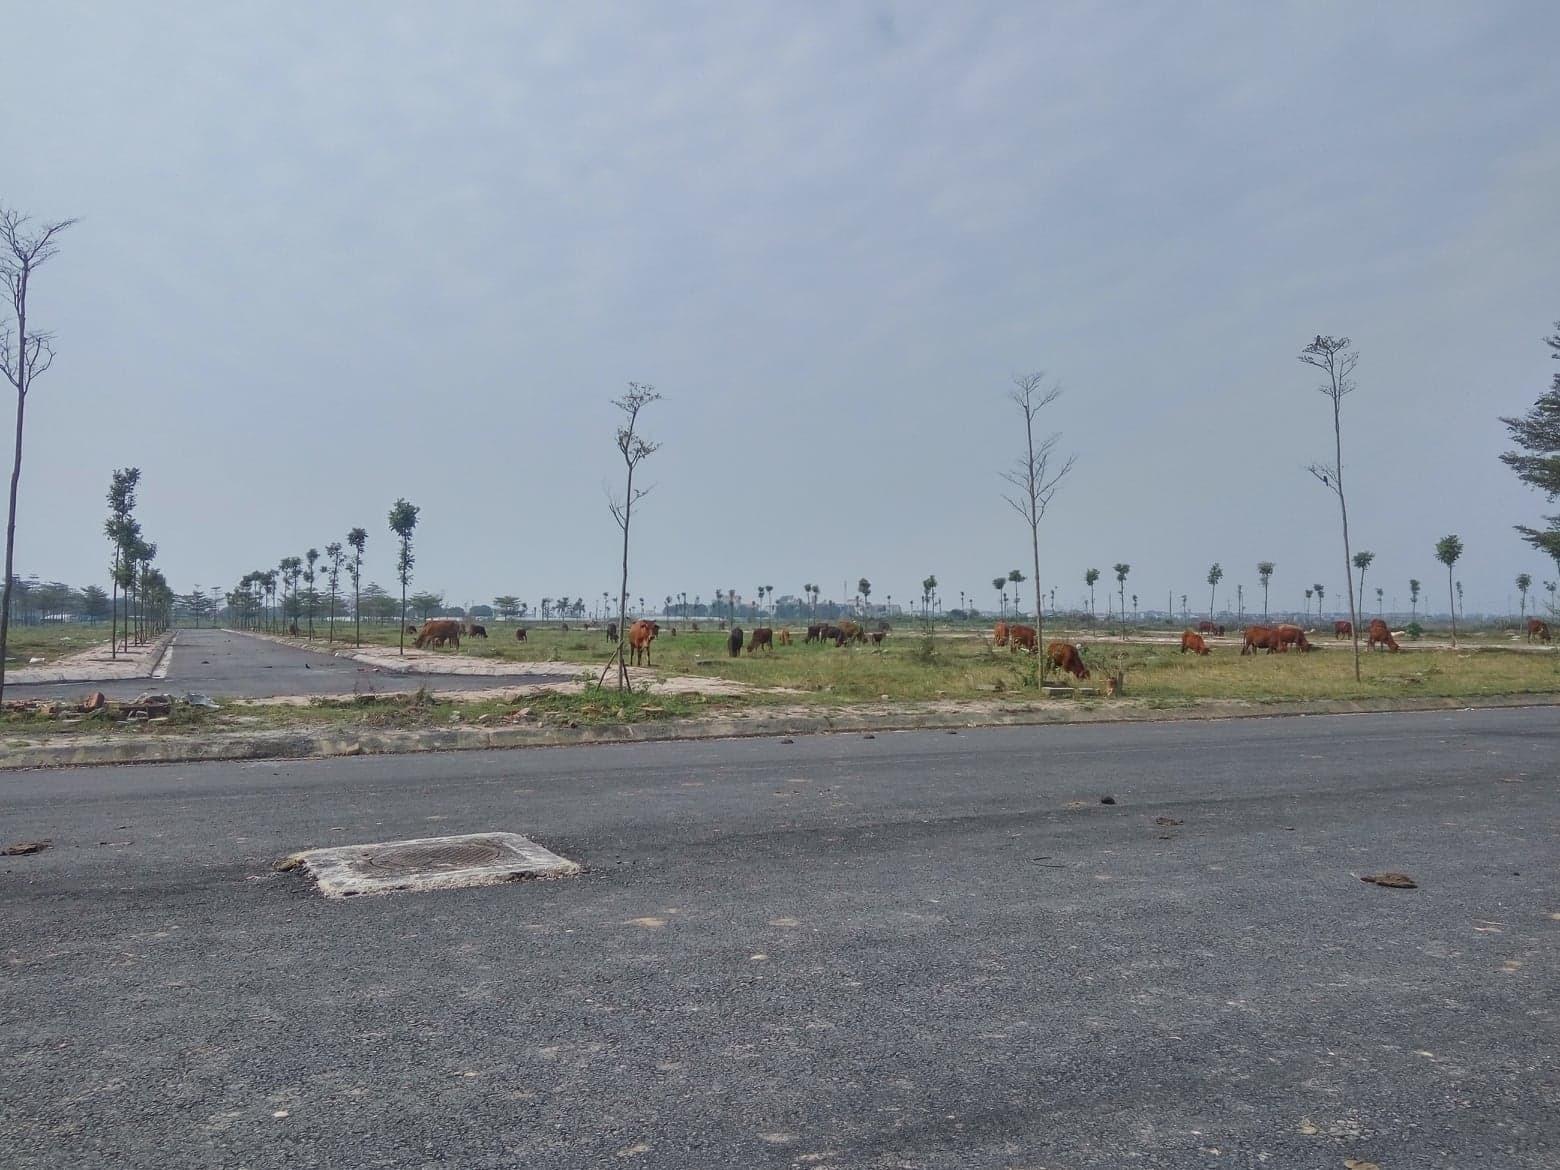 Thủ tướng 'lệnh' kiểm tra 2.000ha đất dự án bỏ hoang, Mê Linh họp khẩn